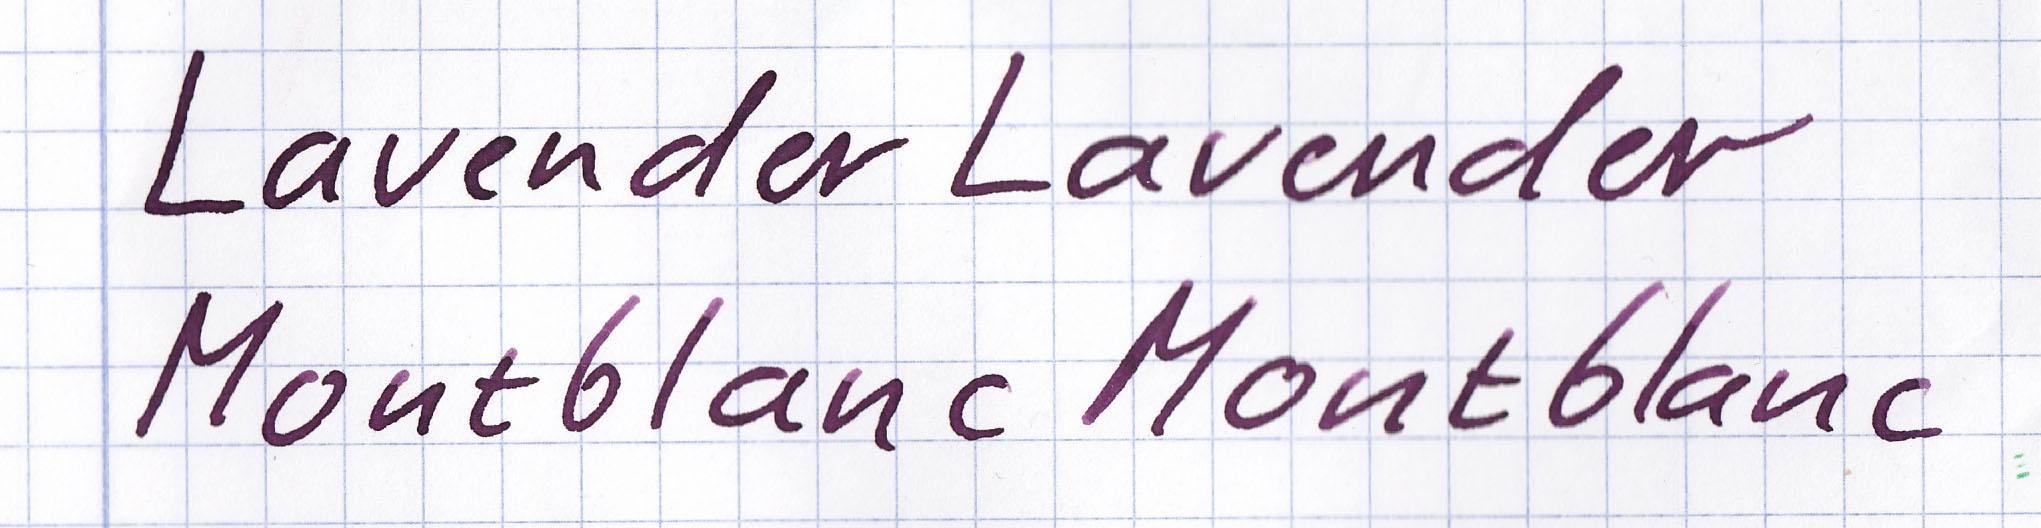 fpn_1464507475__lavender_ox_1.jpg